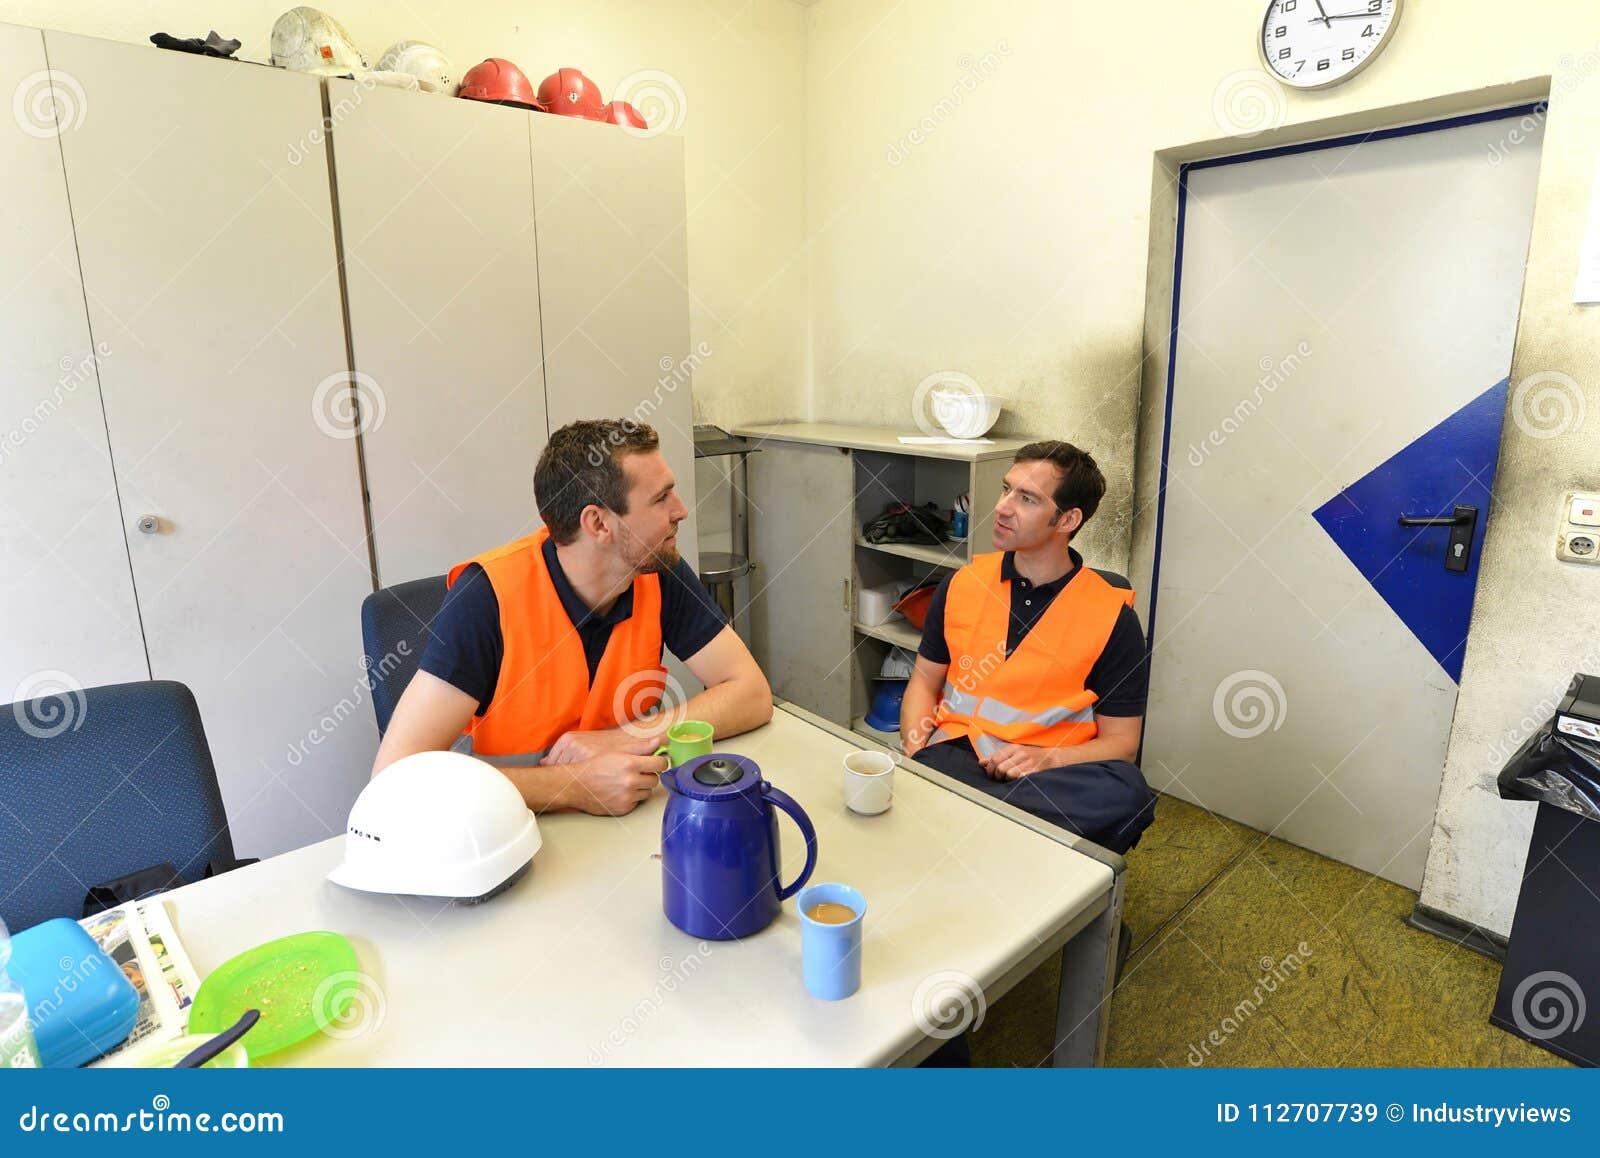 Take Break Coffeebreak : Group of workers in an industrial company take a coffee break